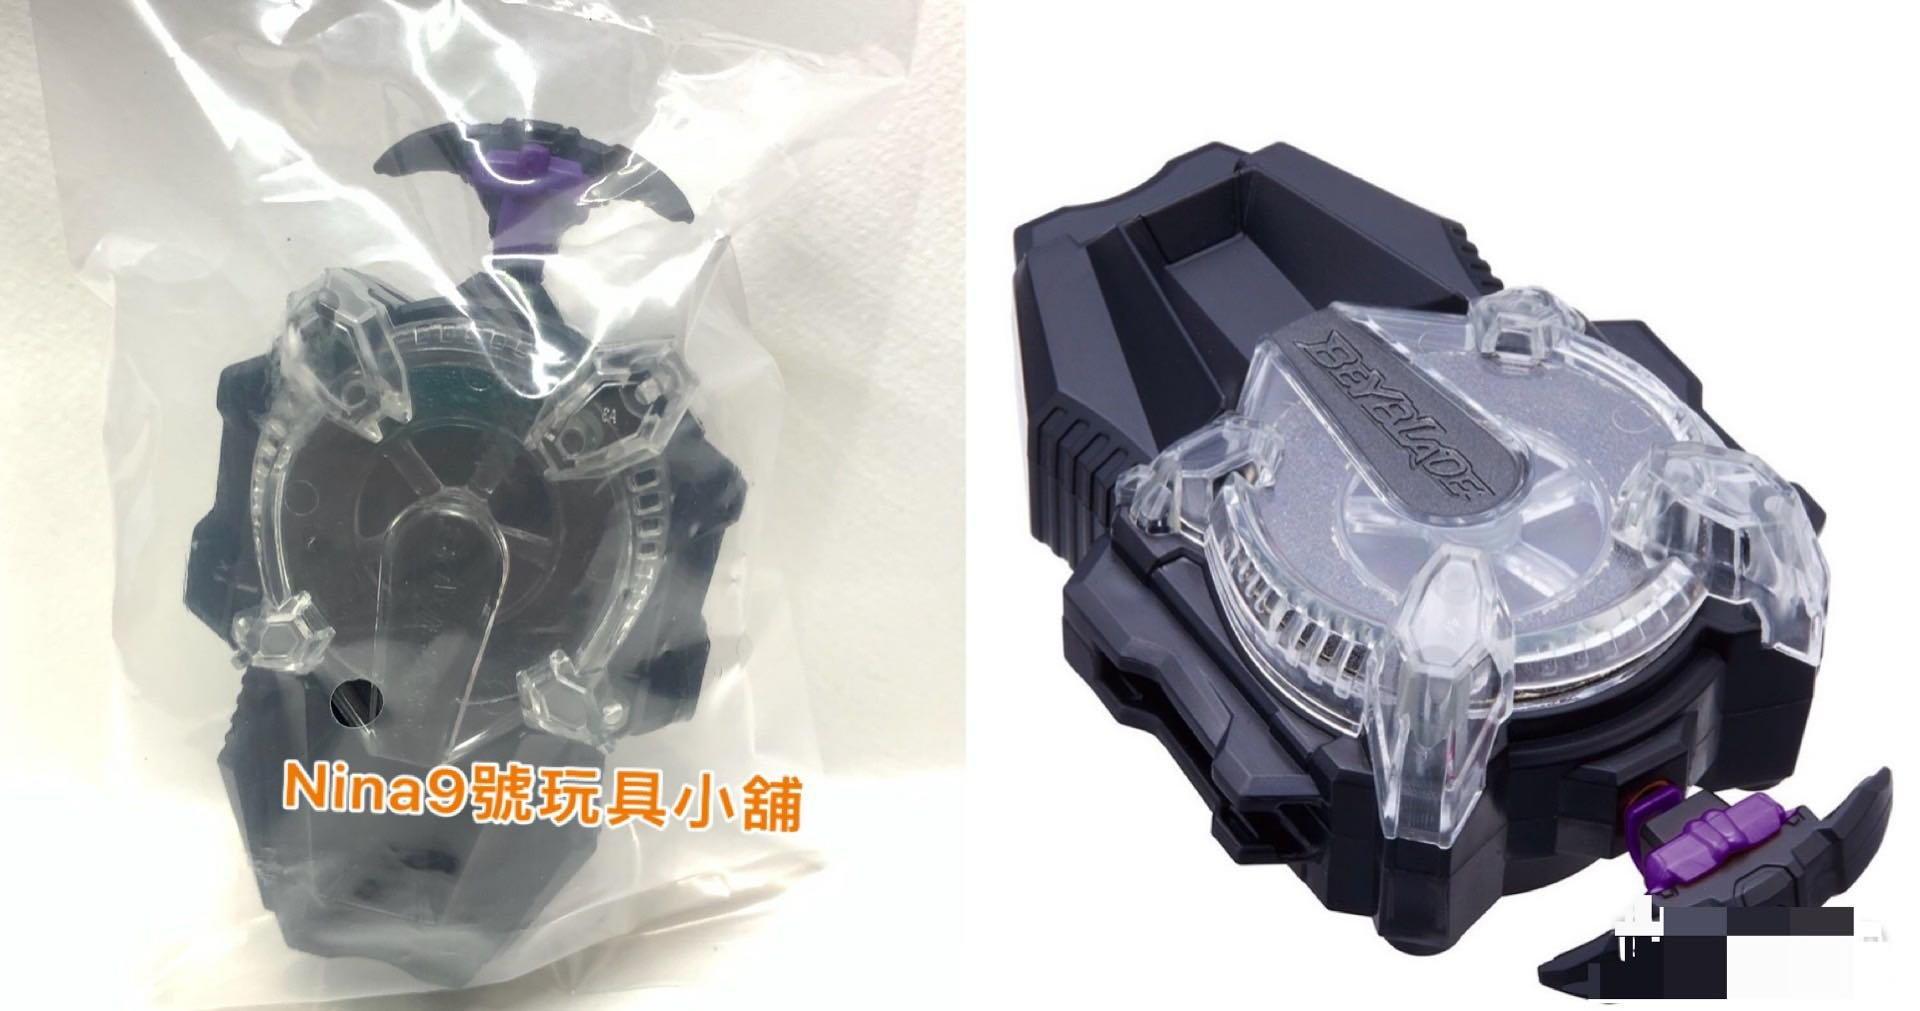 B169拆售。單賣(花火右迴旋發射器)黑色,無外盒,無點數 全新 戰鬥陀螺 超王 路西法